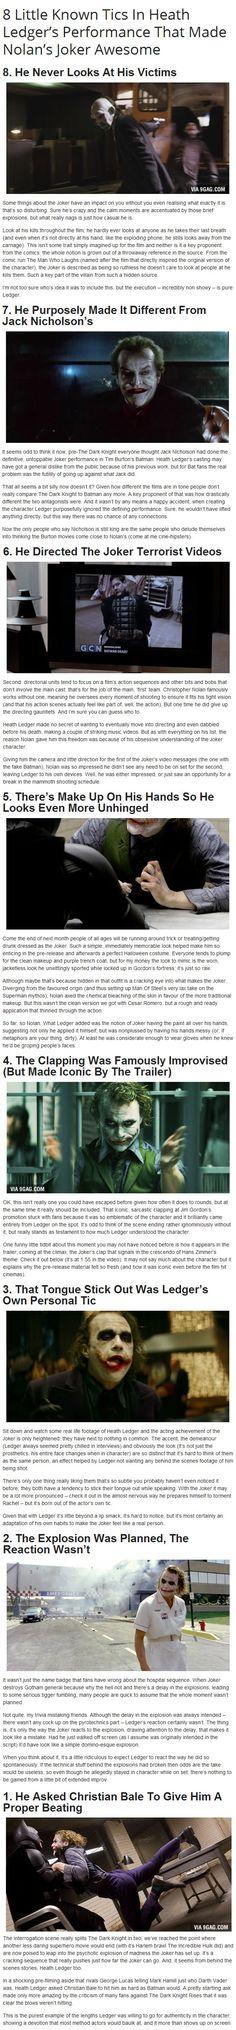 Heath Ledger's The Joker.